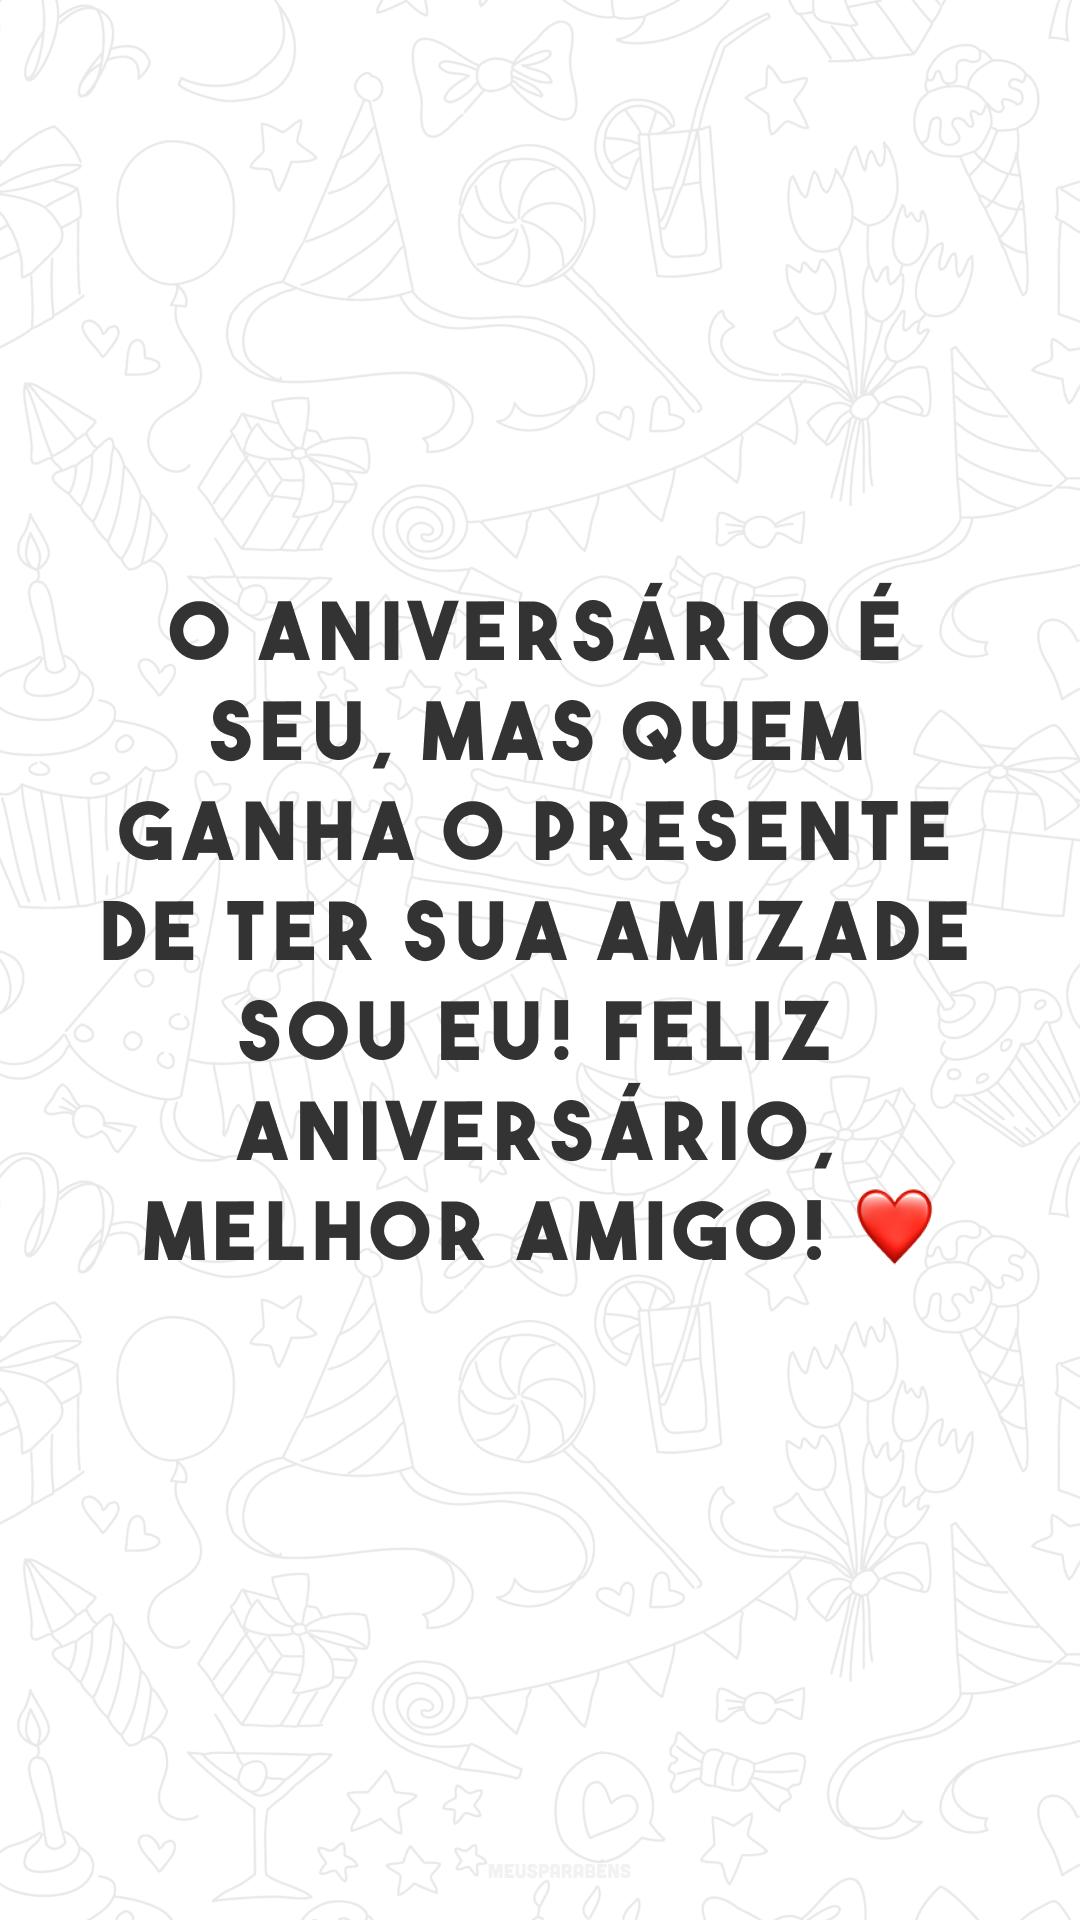 O aniversário é seu, mas quem ganha o presente de ter sua amizade sou eu! Feliz aniversário, melhor amigo! ❤